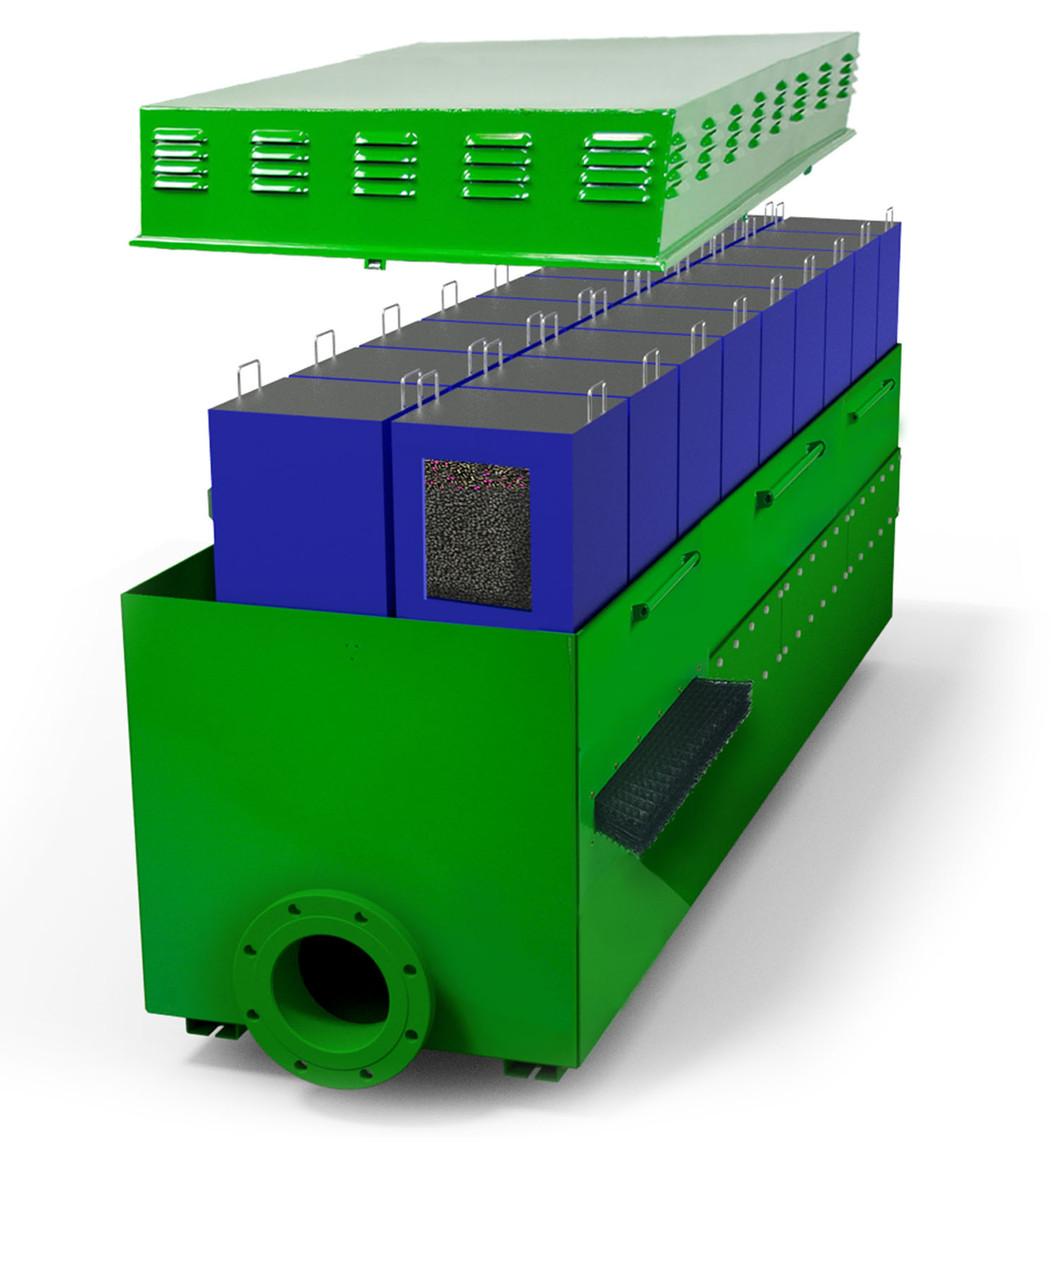 Каналізаційний фільтр для очищення повітря Wager для заводів, фармацефтических підприємств на 50-5000м3 повітря